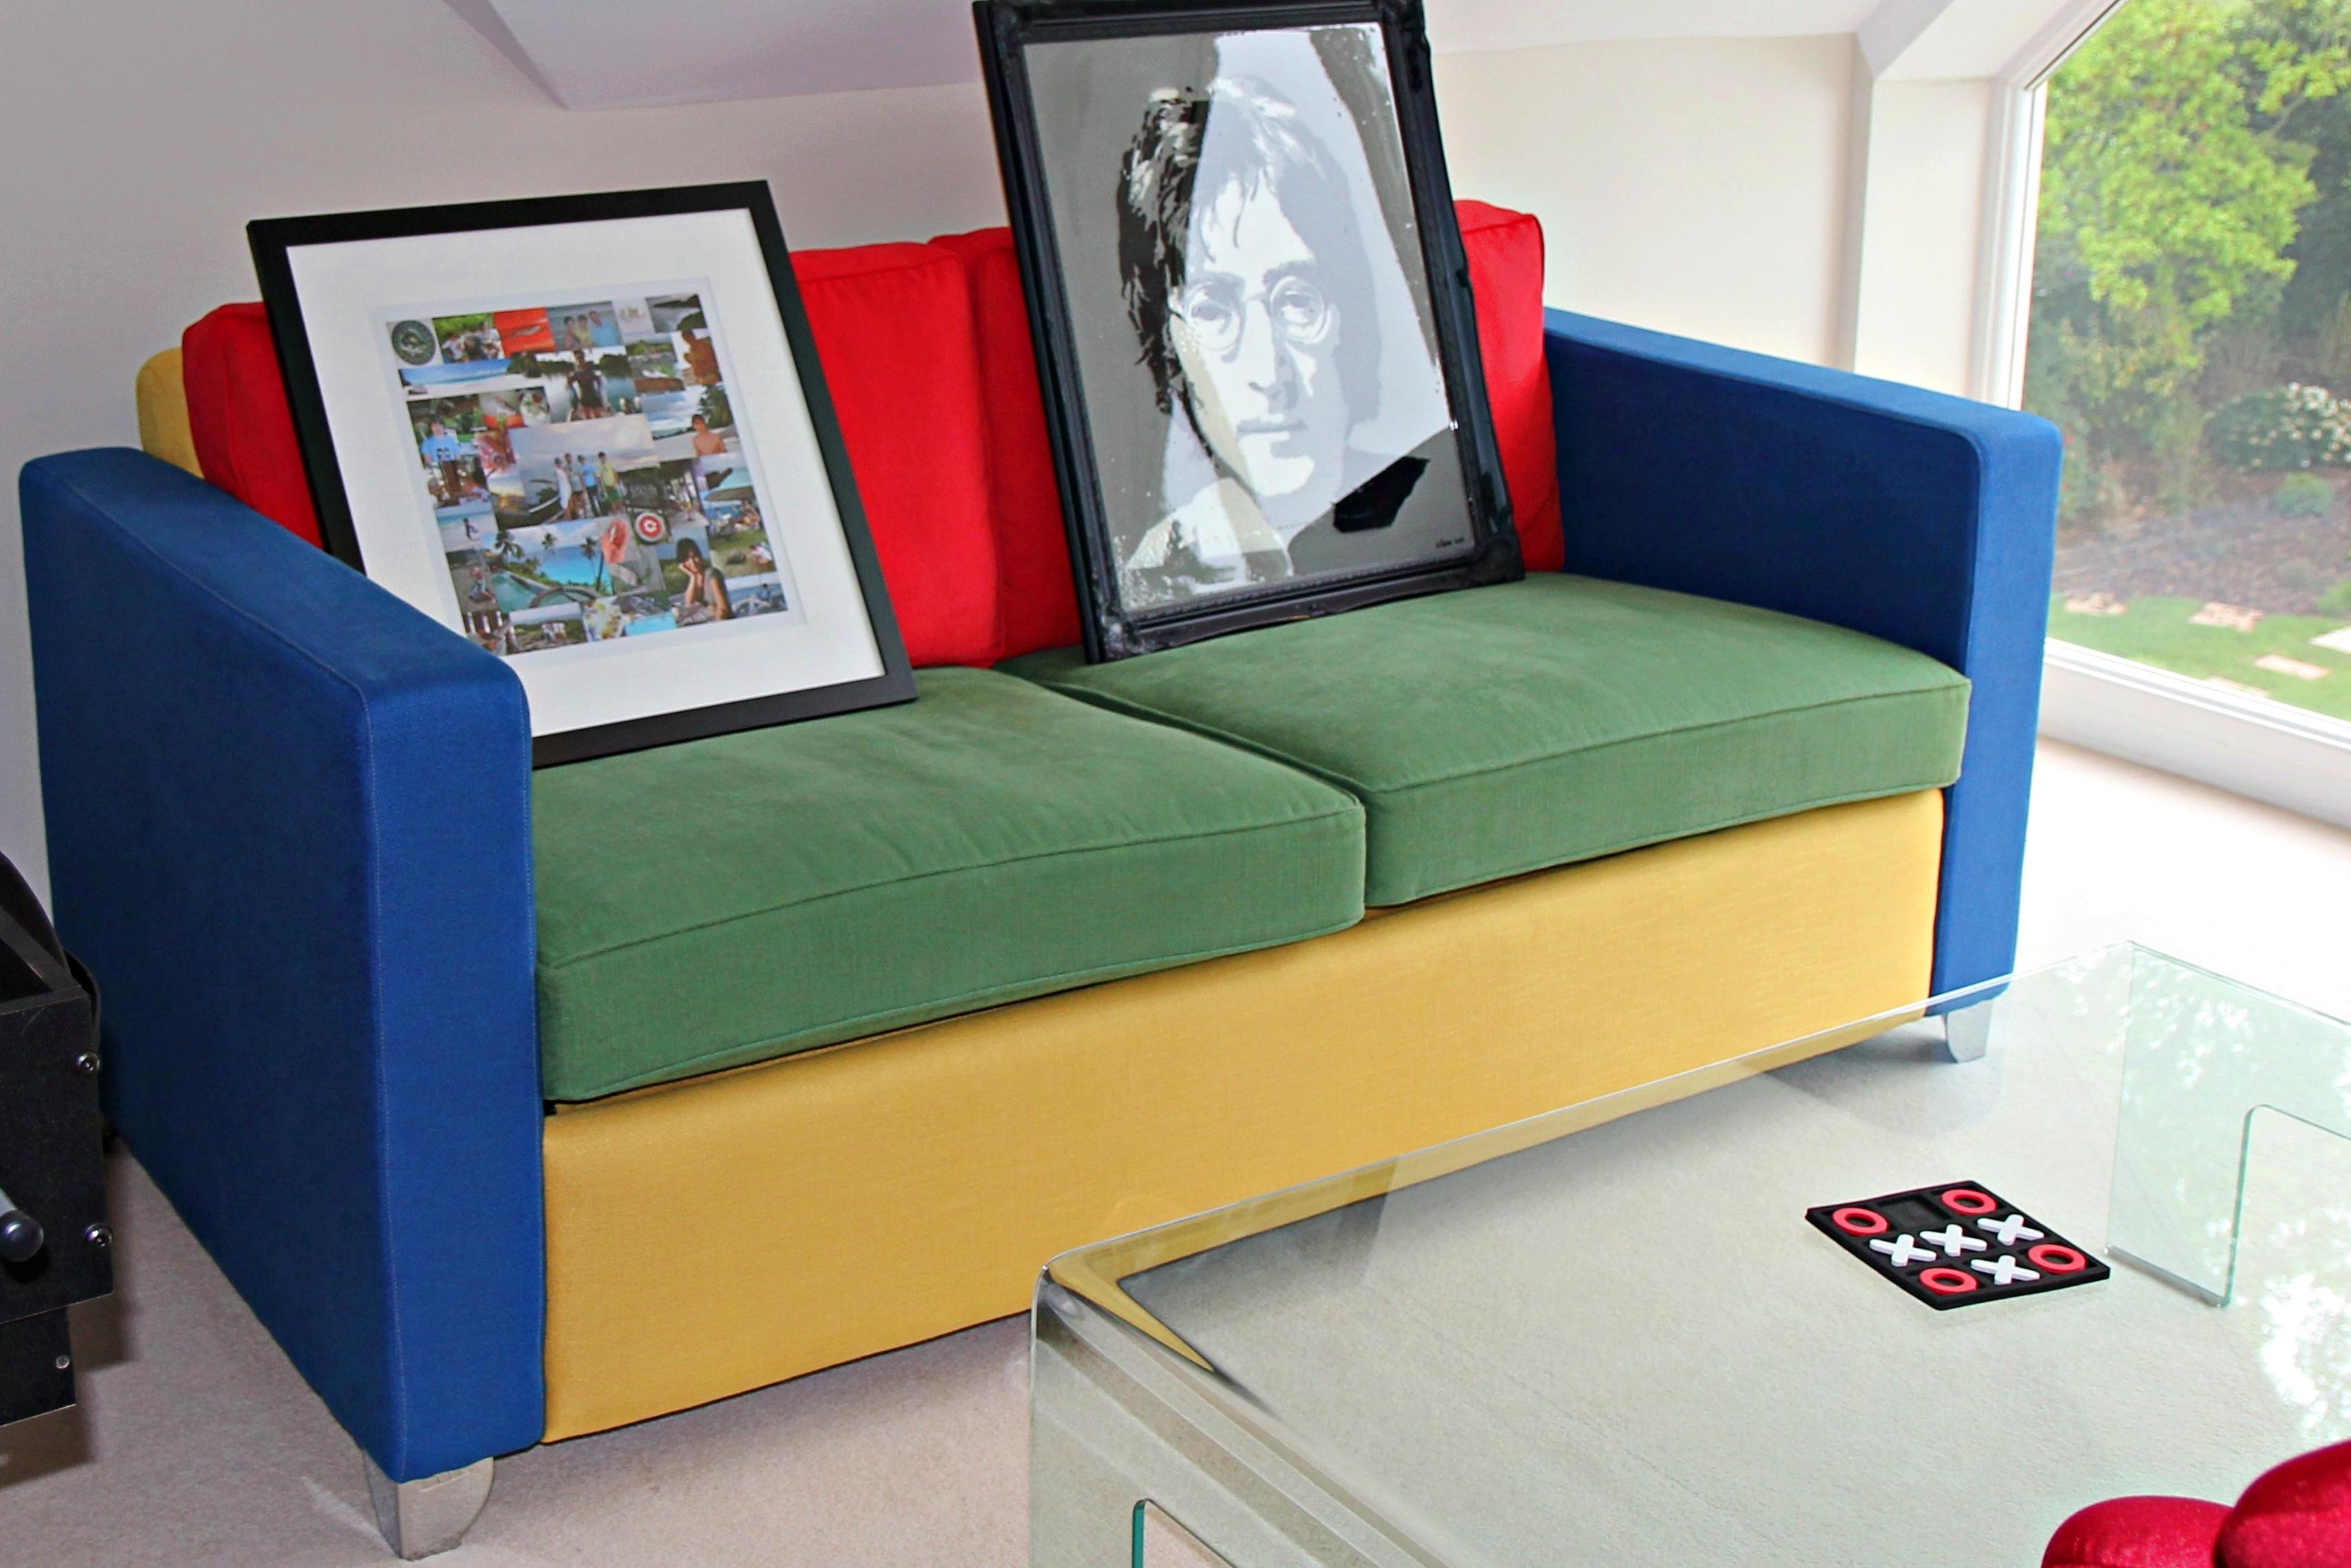 Bespoke Sofa for Games Room